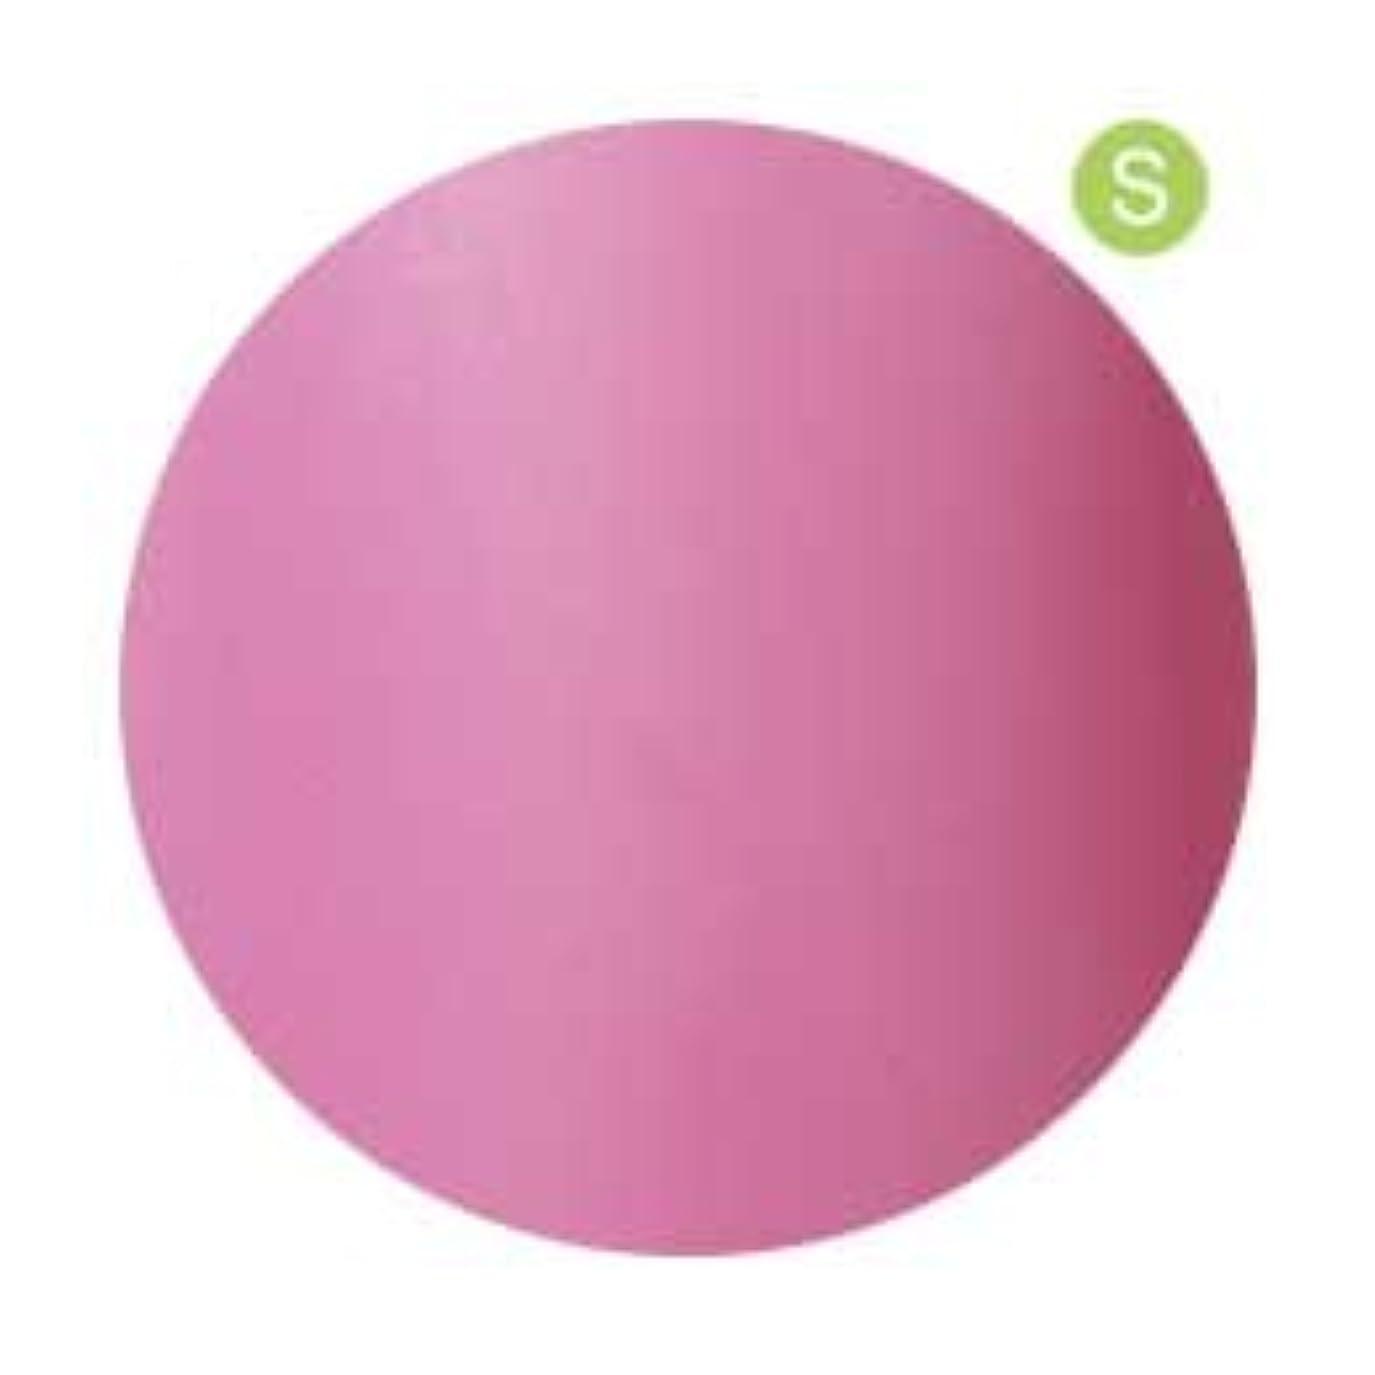 夕方教養がある常習的Palms Graceful カラージェル 3g 063 ポンパドールピンク